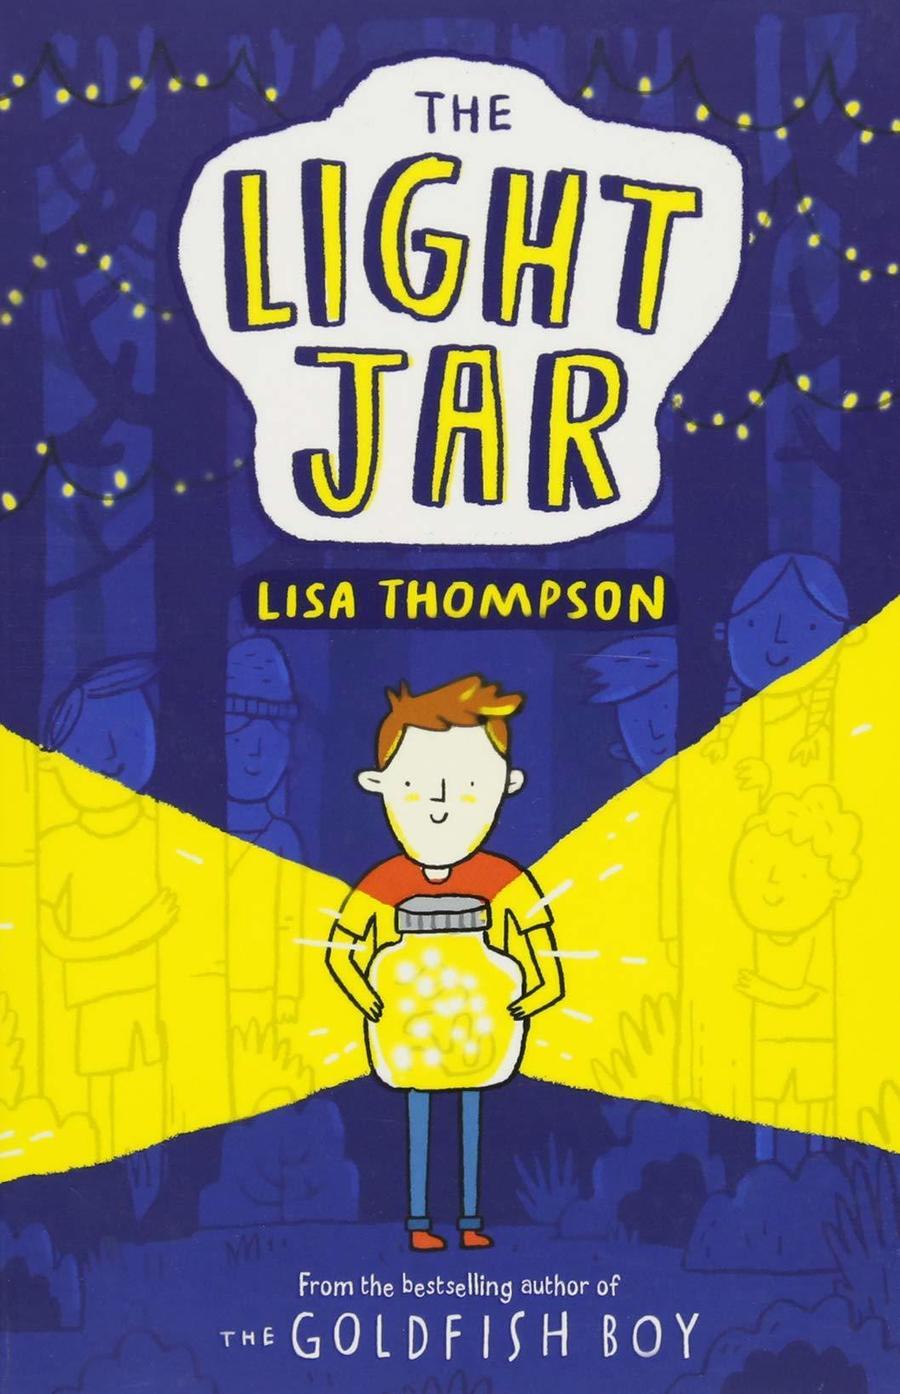 The Light Jar - Lisa Thompson